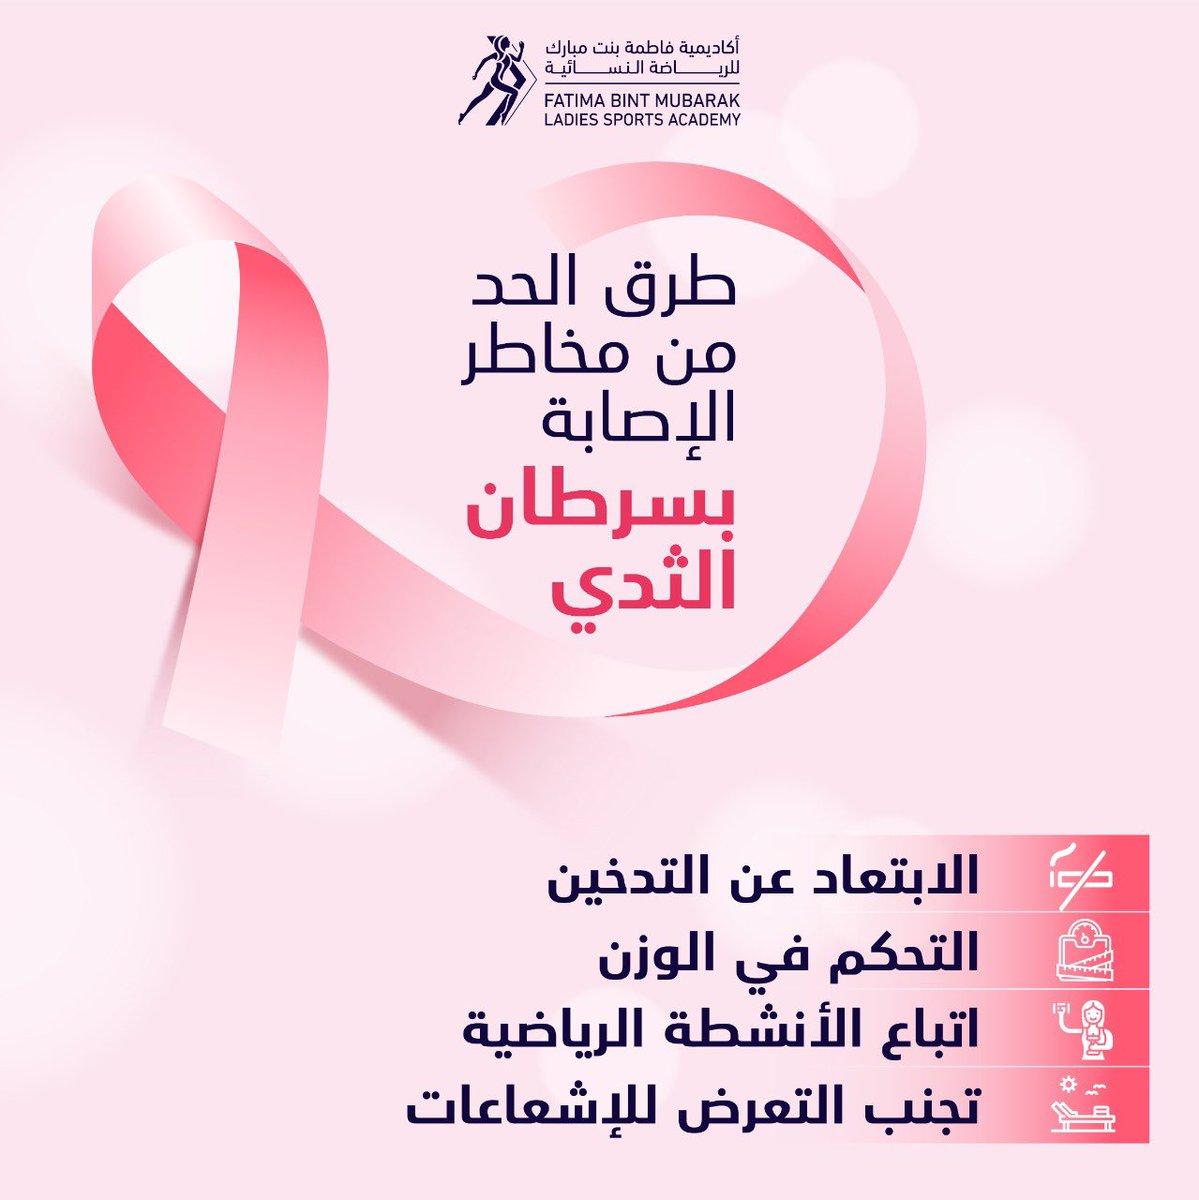 تعرف على طرق تقليل مخاطر الإصابة بسرطان الثدي، وكيفية الحفاظ على سلامتك أنت وأحبائك🎗  Learn the ways to reduce breast cancer risk, and how to keep you and your loved ones safe🎗  #BreastCancerAwareness #October #PinkOctober #Awareness #FBMA  #نمضي_قدماً  #أكتوبر #سرطان_الثدي https://t.co/cAICtF8dHH